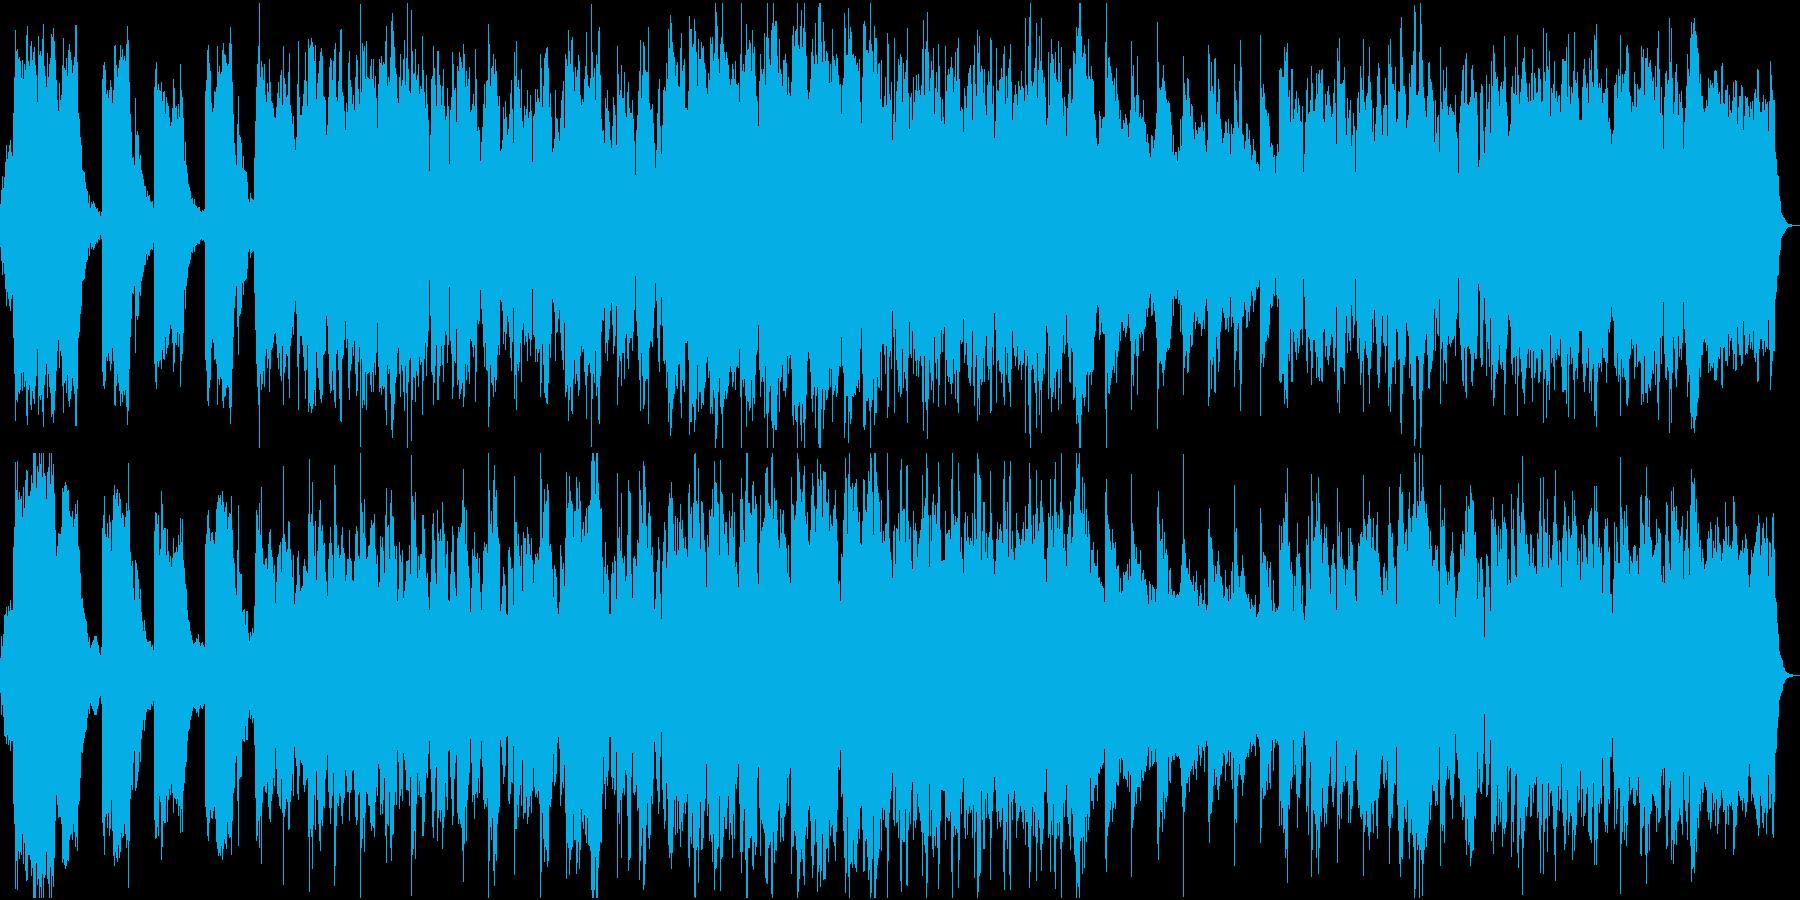 映画トレーラー ブルガリアンボイス合唱の再生済みの波形